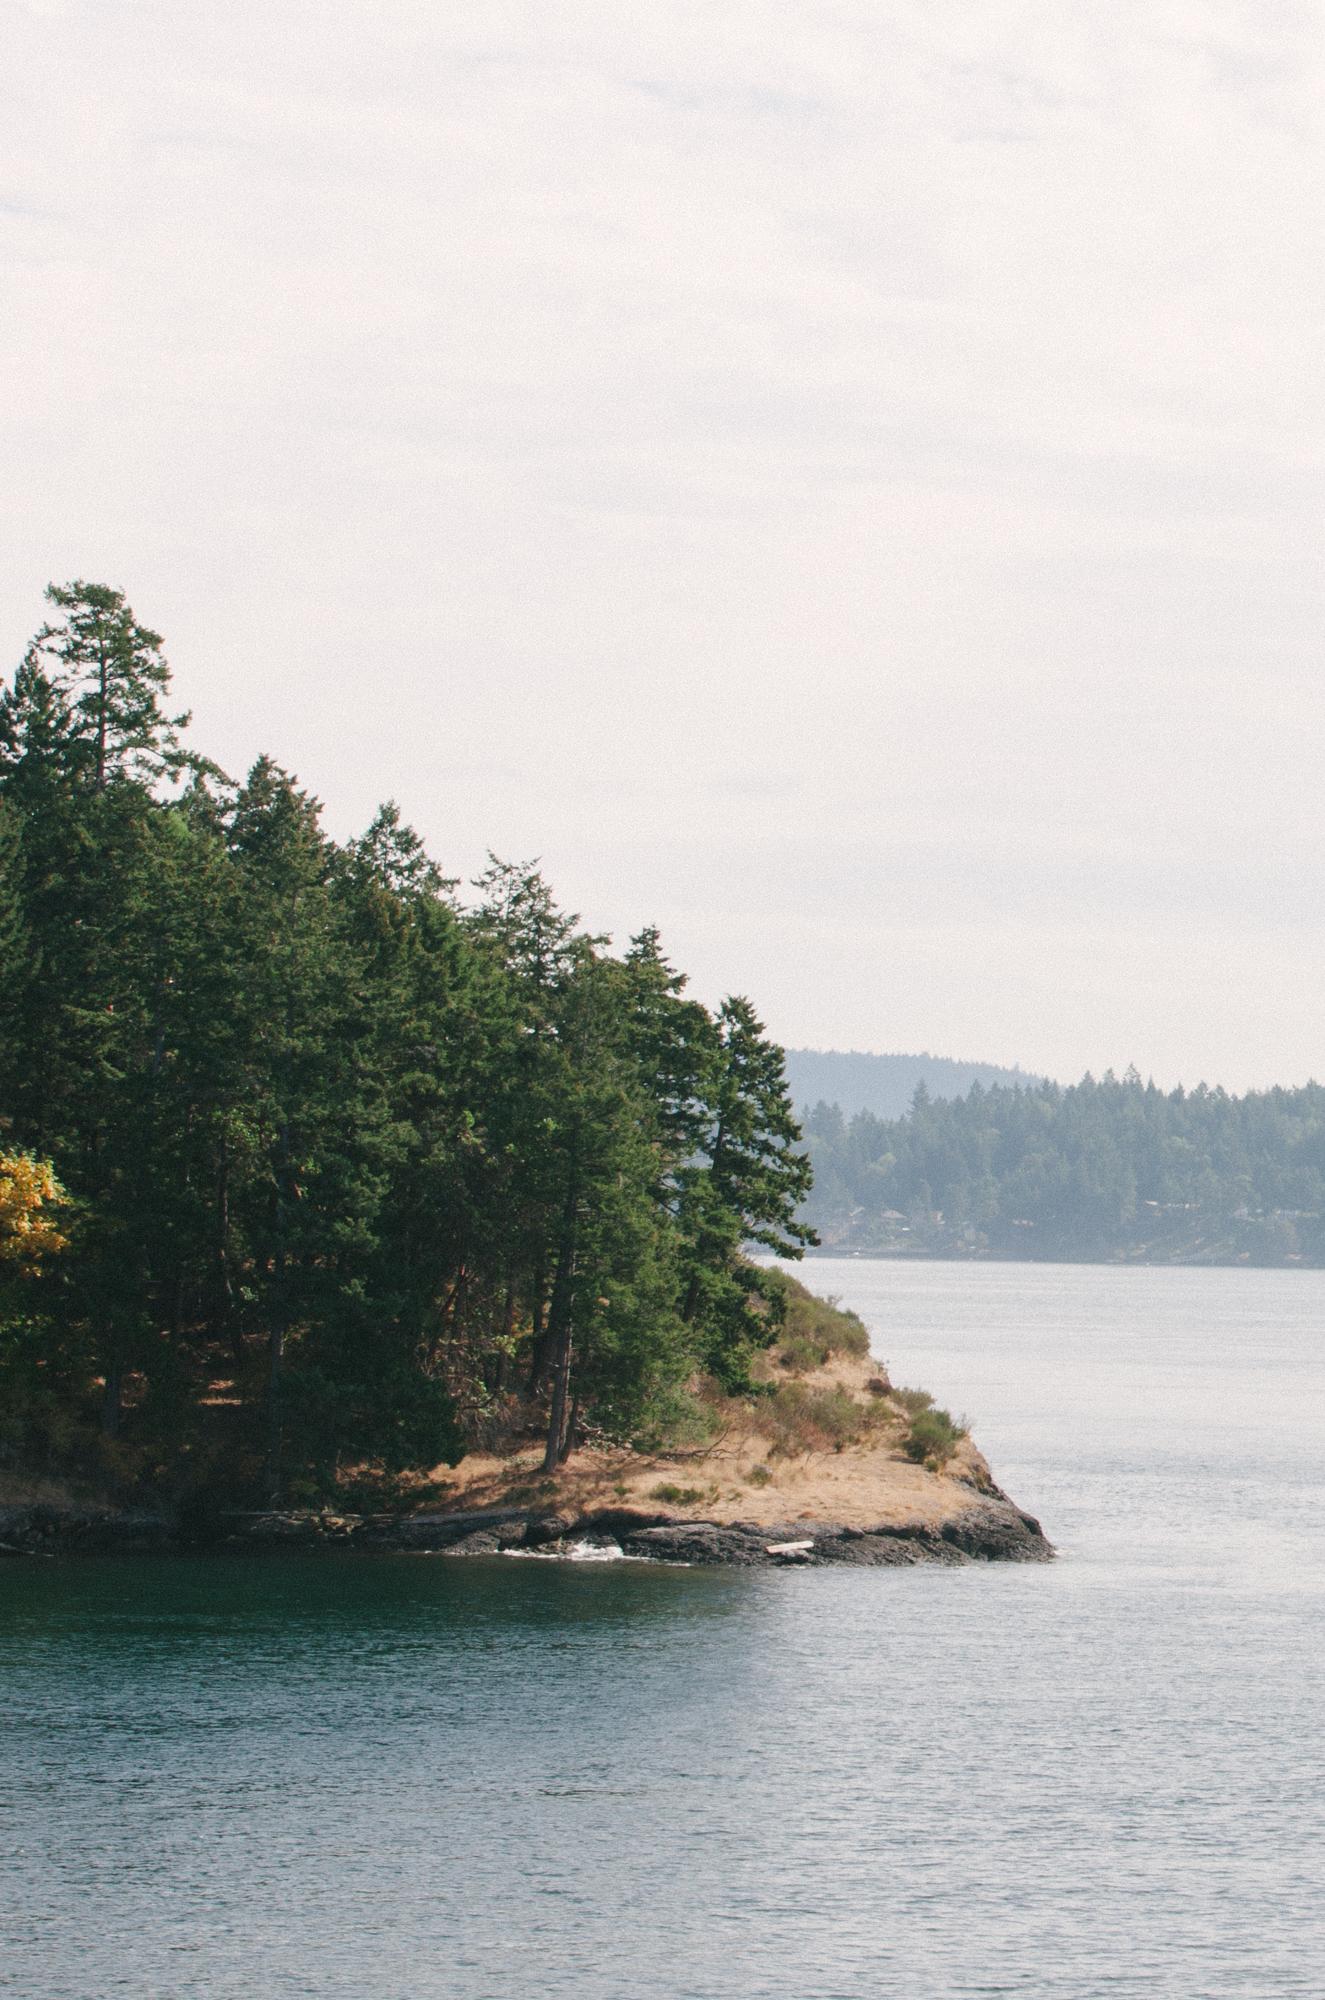 Vacation-adventure-Canada-Vancouver-116